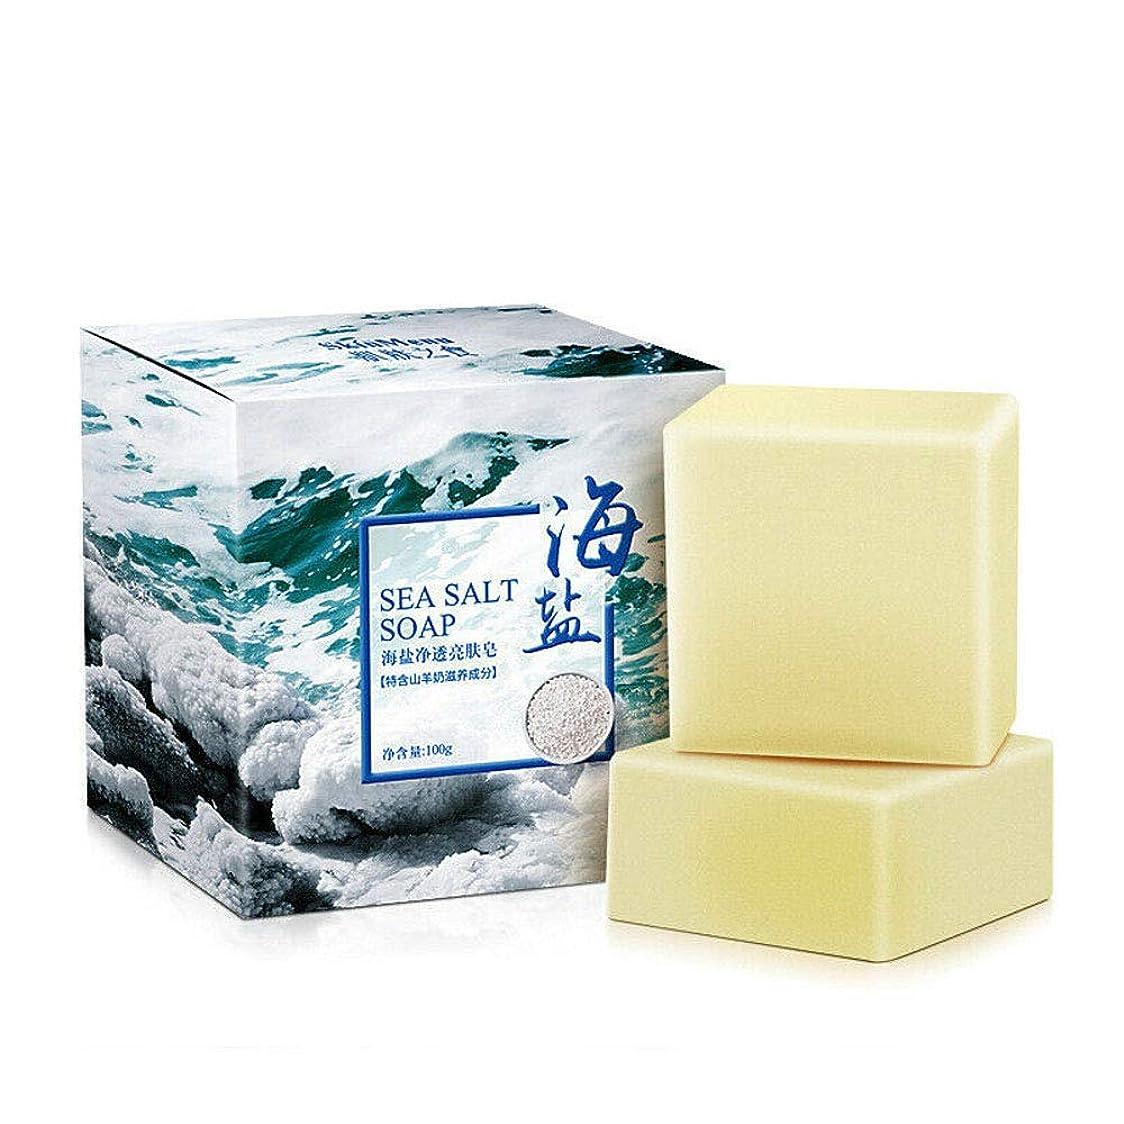 証書エスカレーターにぎやかせっけん 石鹸 海塩 山羊乳 洗顔 ボディ用 浴用せっけん しっとり肌 植物性 無添加 白い 100g×1個入 (#2)